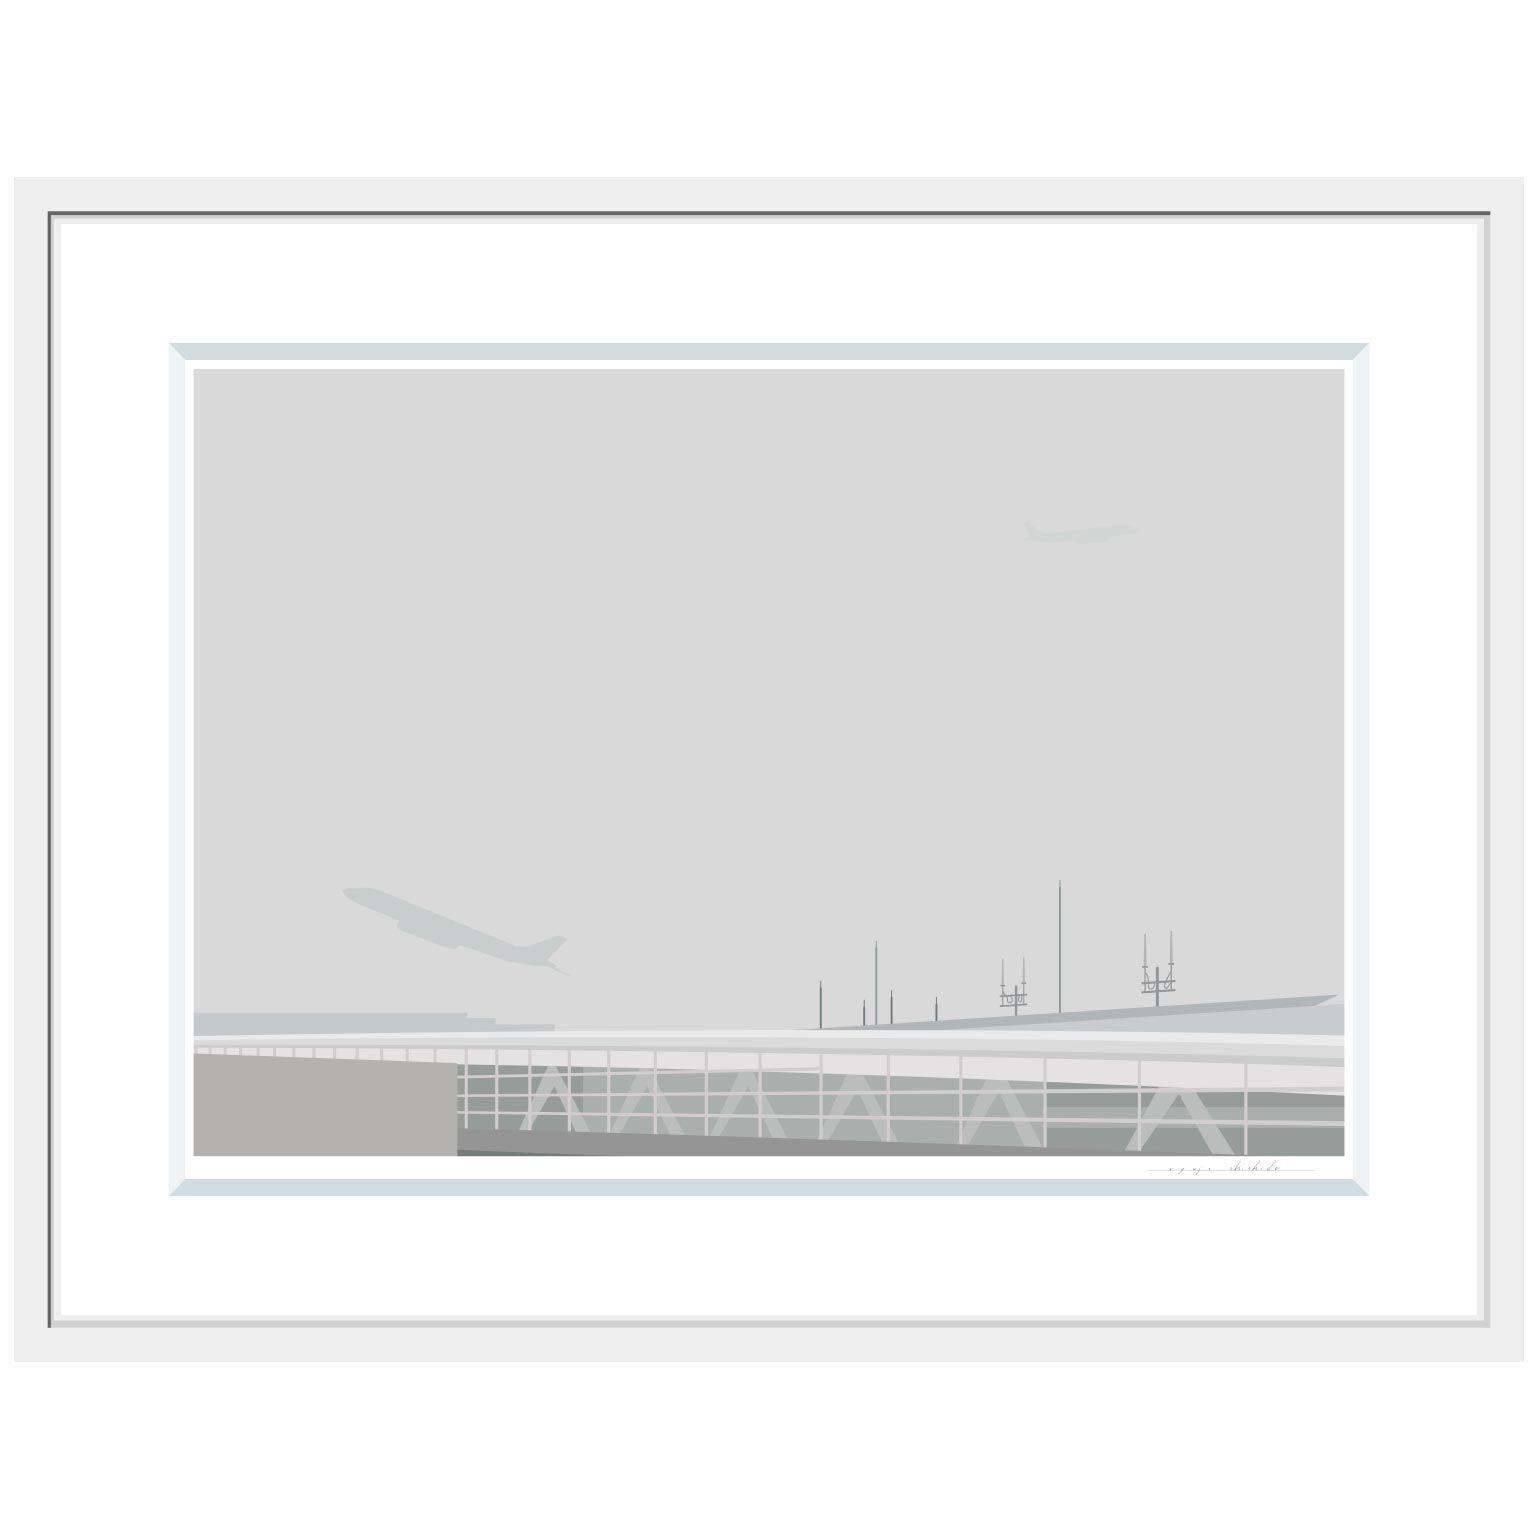 No.La-039「灰色の温かい風景」ジクレープリント額装 L size